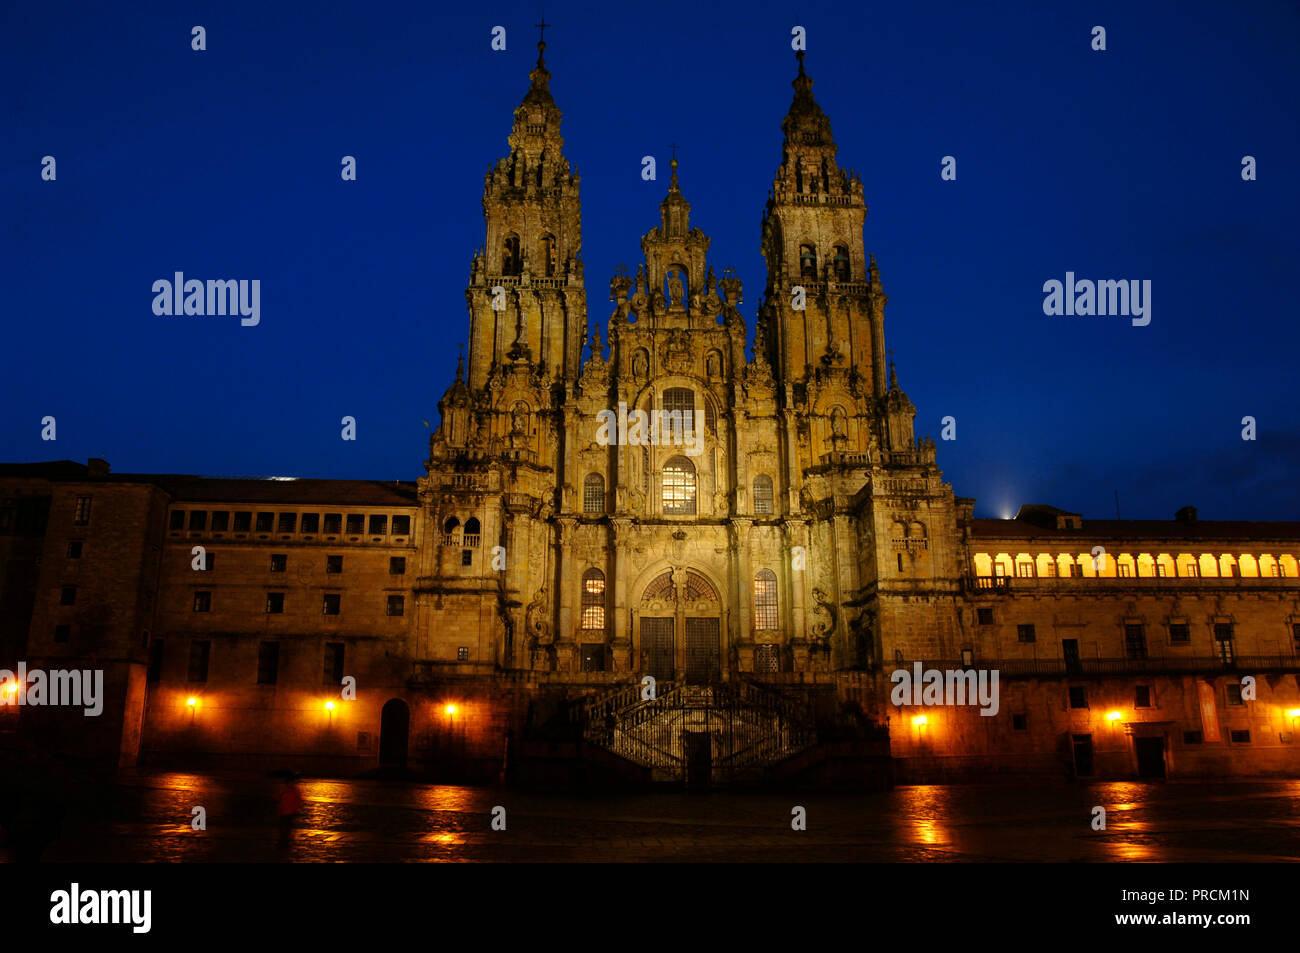 Santiago de Compostela, Provinz La Coruna, Galicien, Spanien. Kathedrale. Nigth Ansicht des Obradoiro Fassade. Es wurde im 18. Jahrhundert erbaut, im barocken Stil, entworfen von Fernando De Casas Novoa (¿ 1670?-1750). Stockfoto